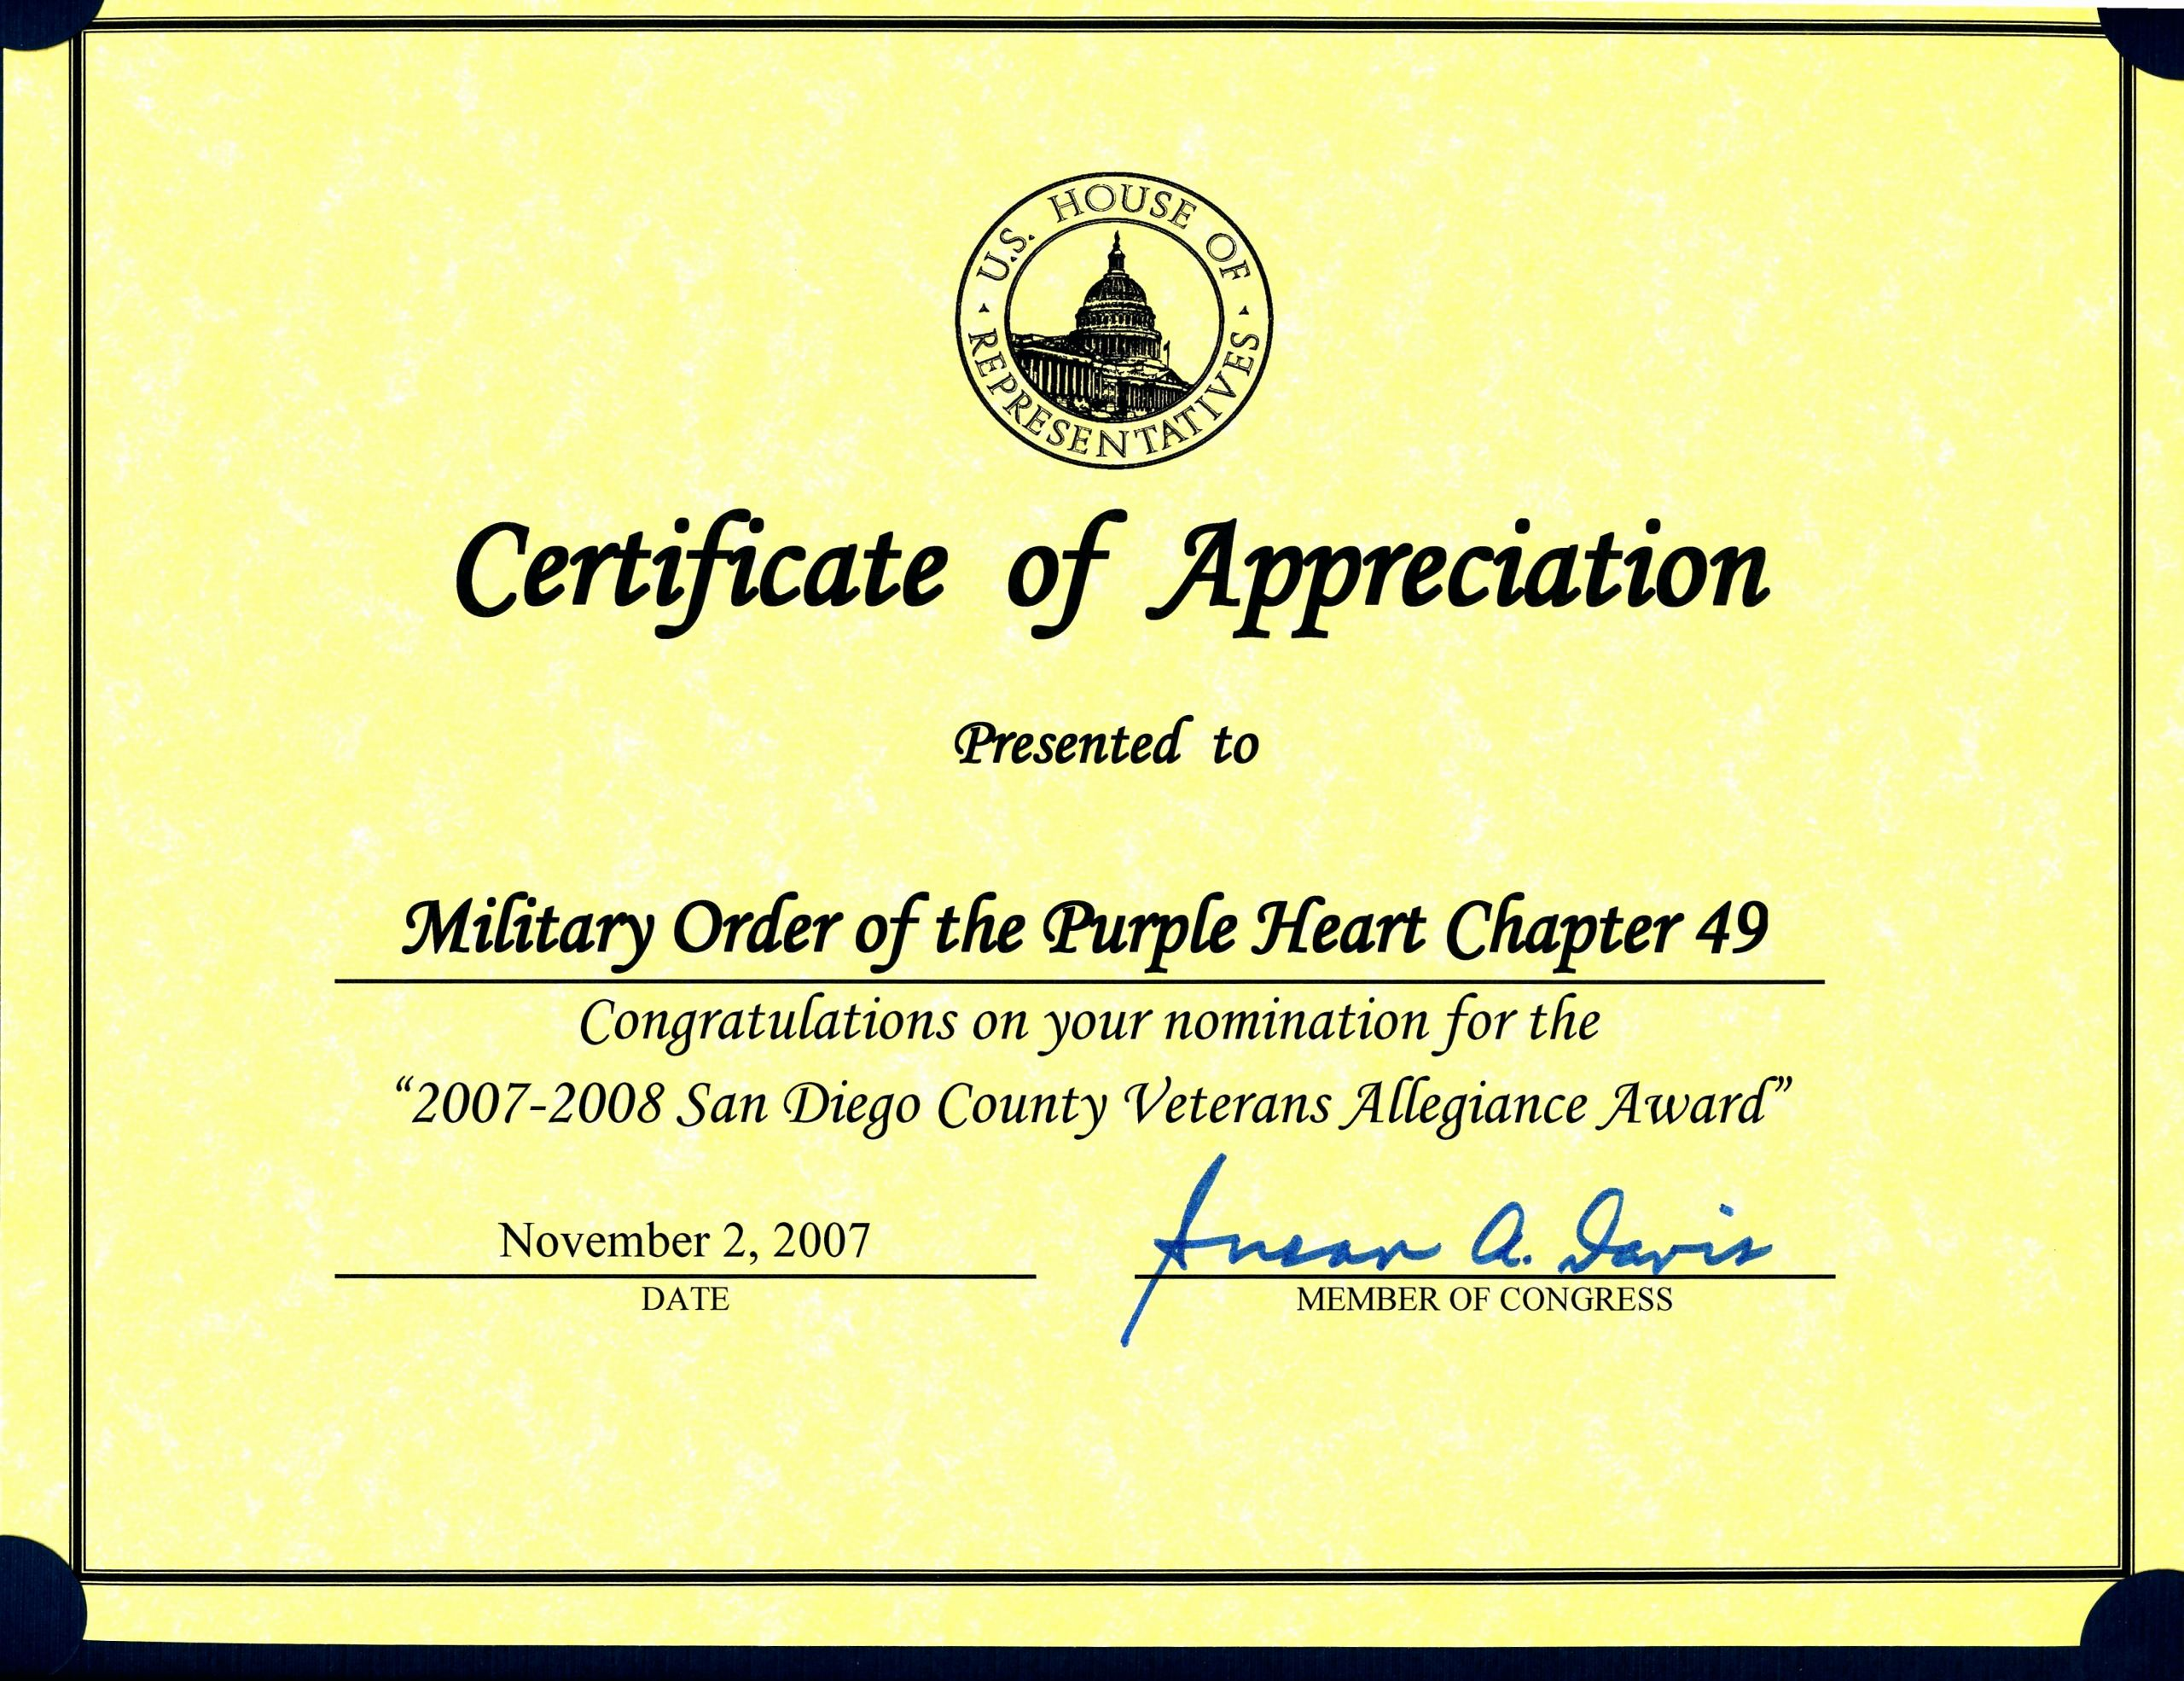 Veteran Appreciation Certificate Template Best Of Certificate Appreciation Template for Veterans